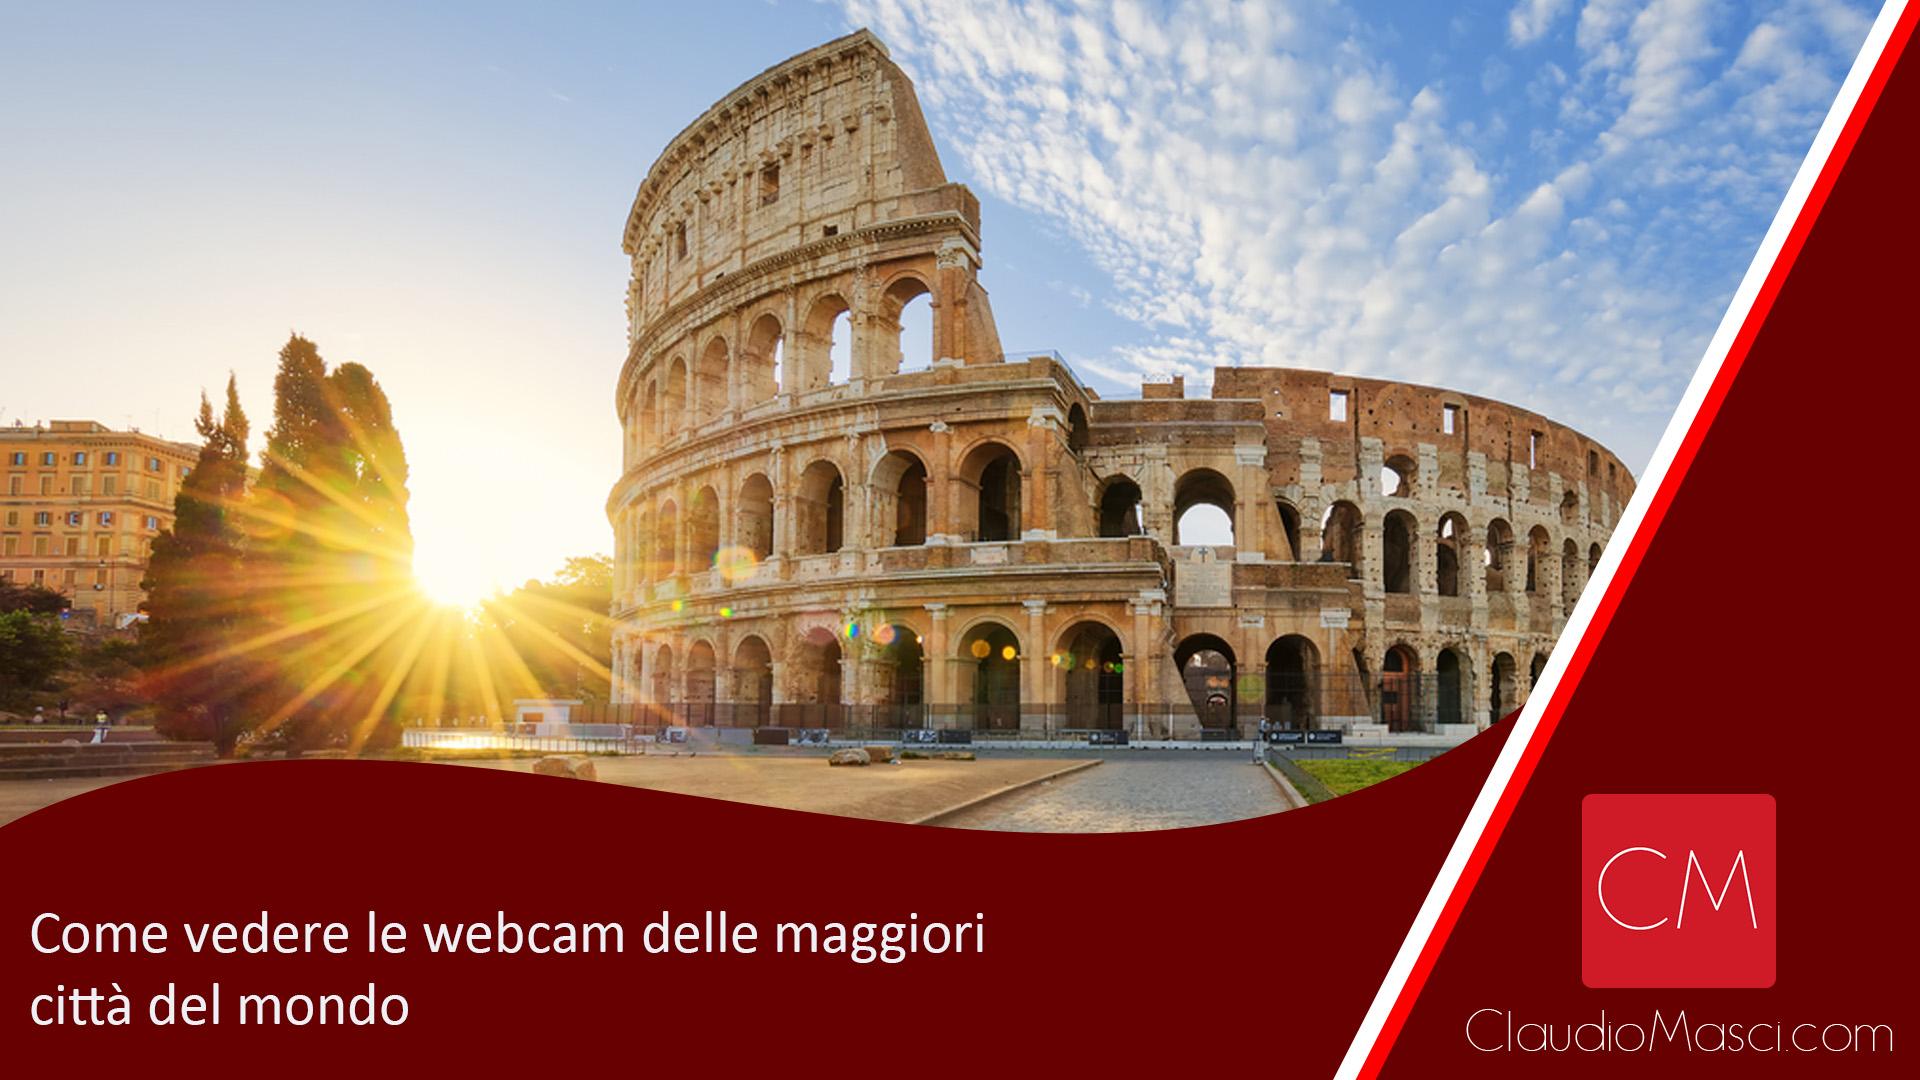 Come vedere le webcam delle maggiori città del mondo